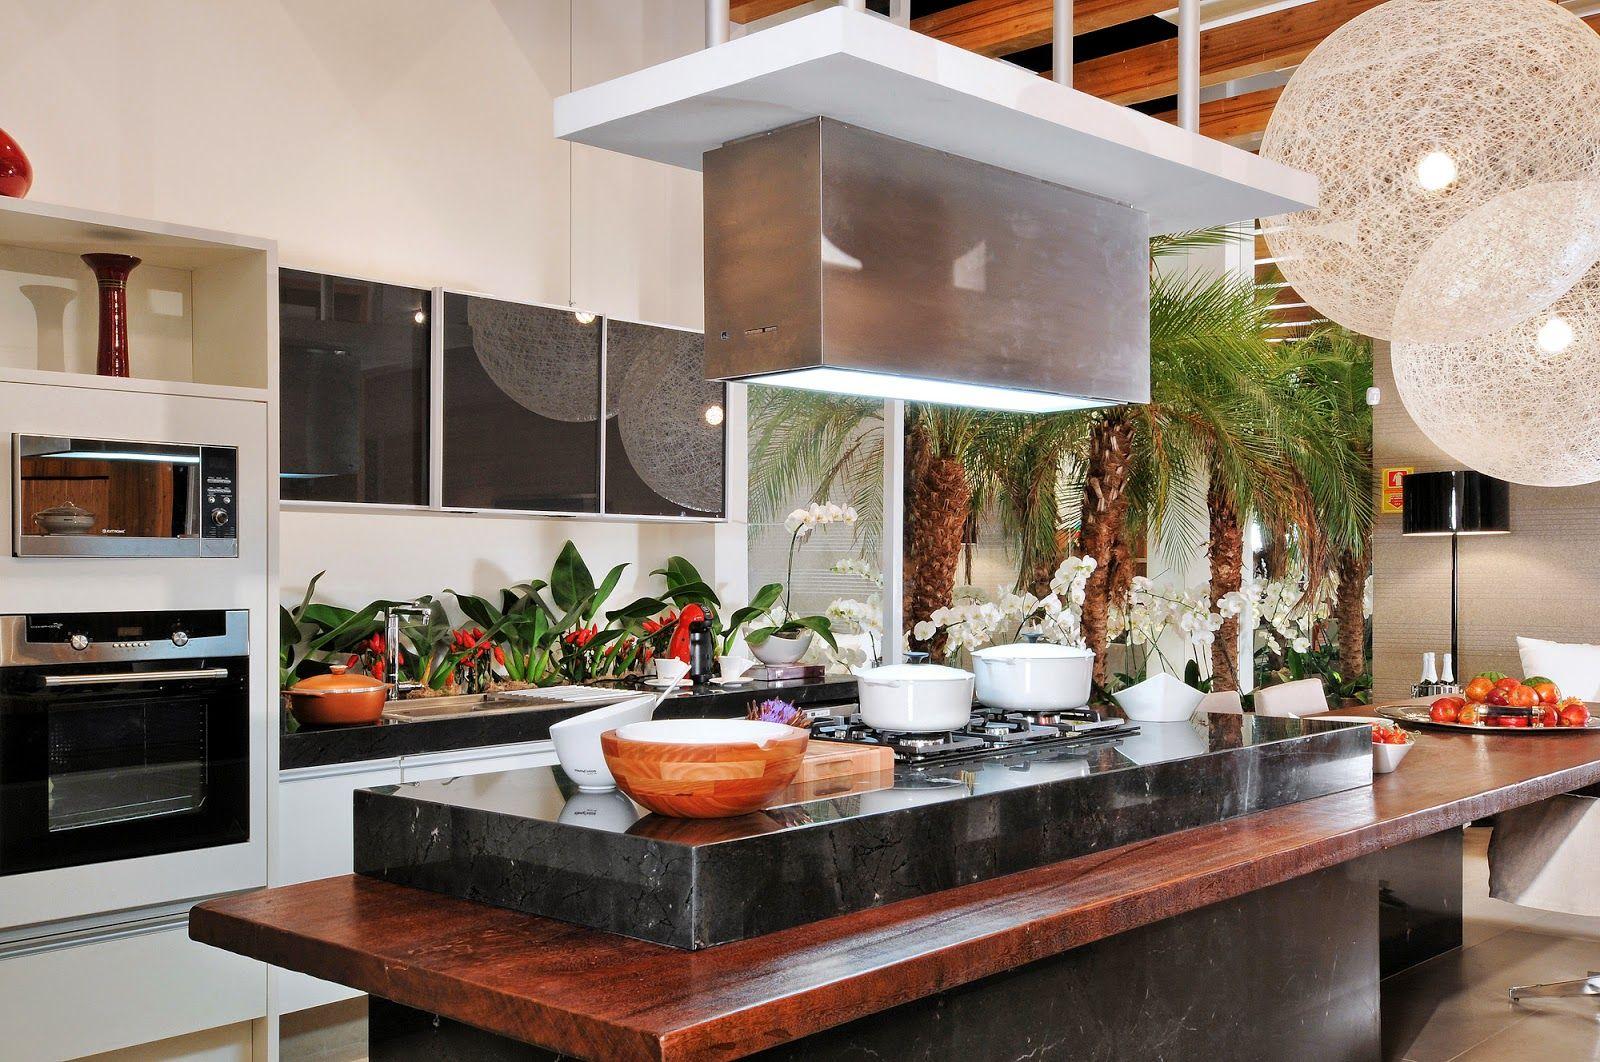 20 Cozinhas Modernas E Sofisticadas Inspire Se Kitchen